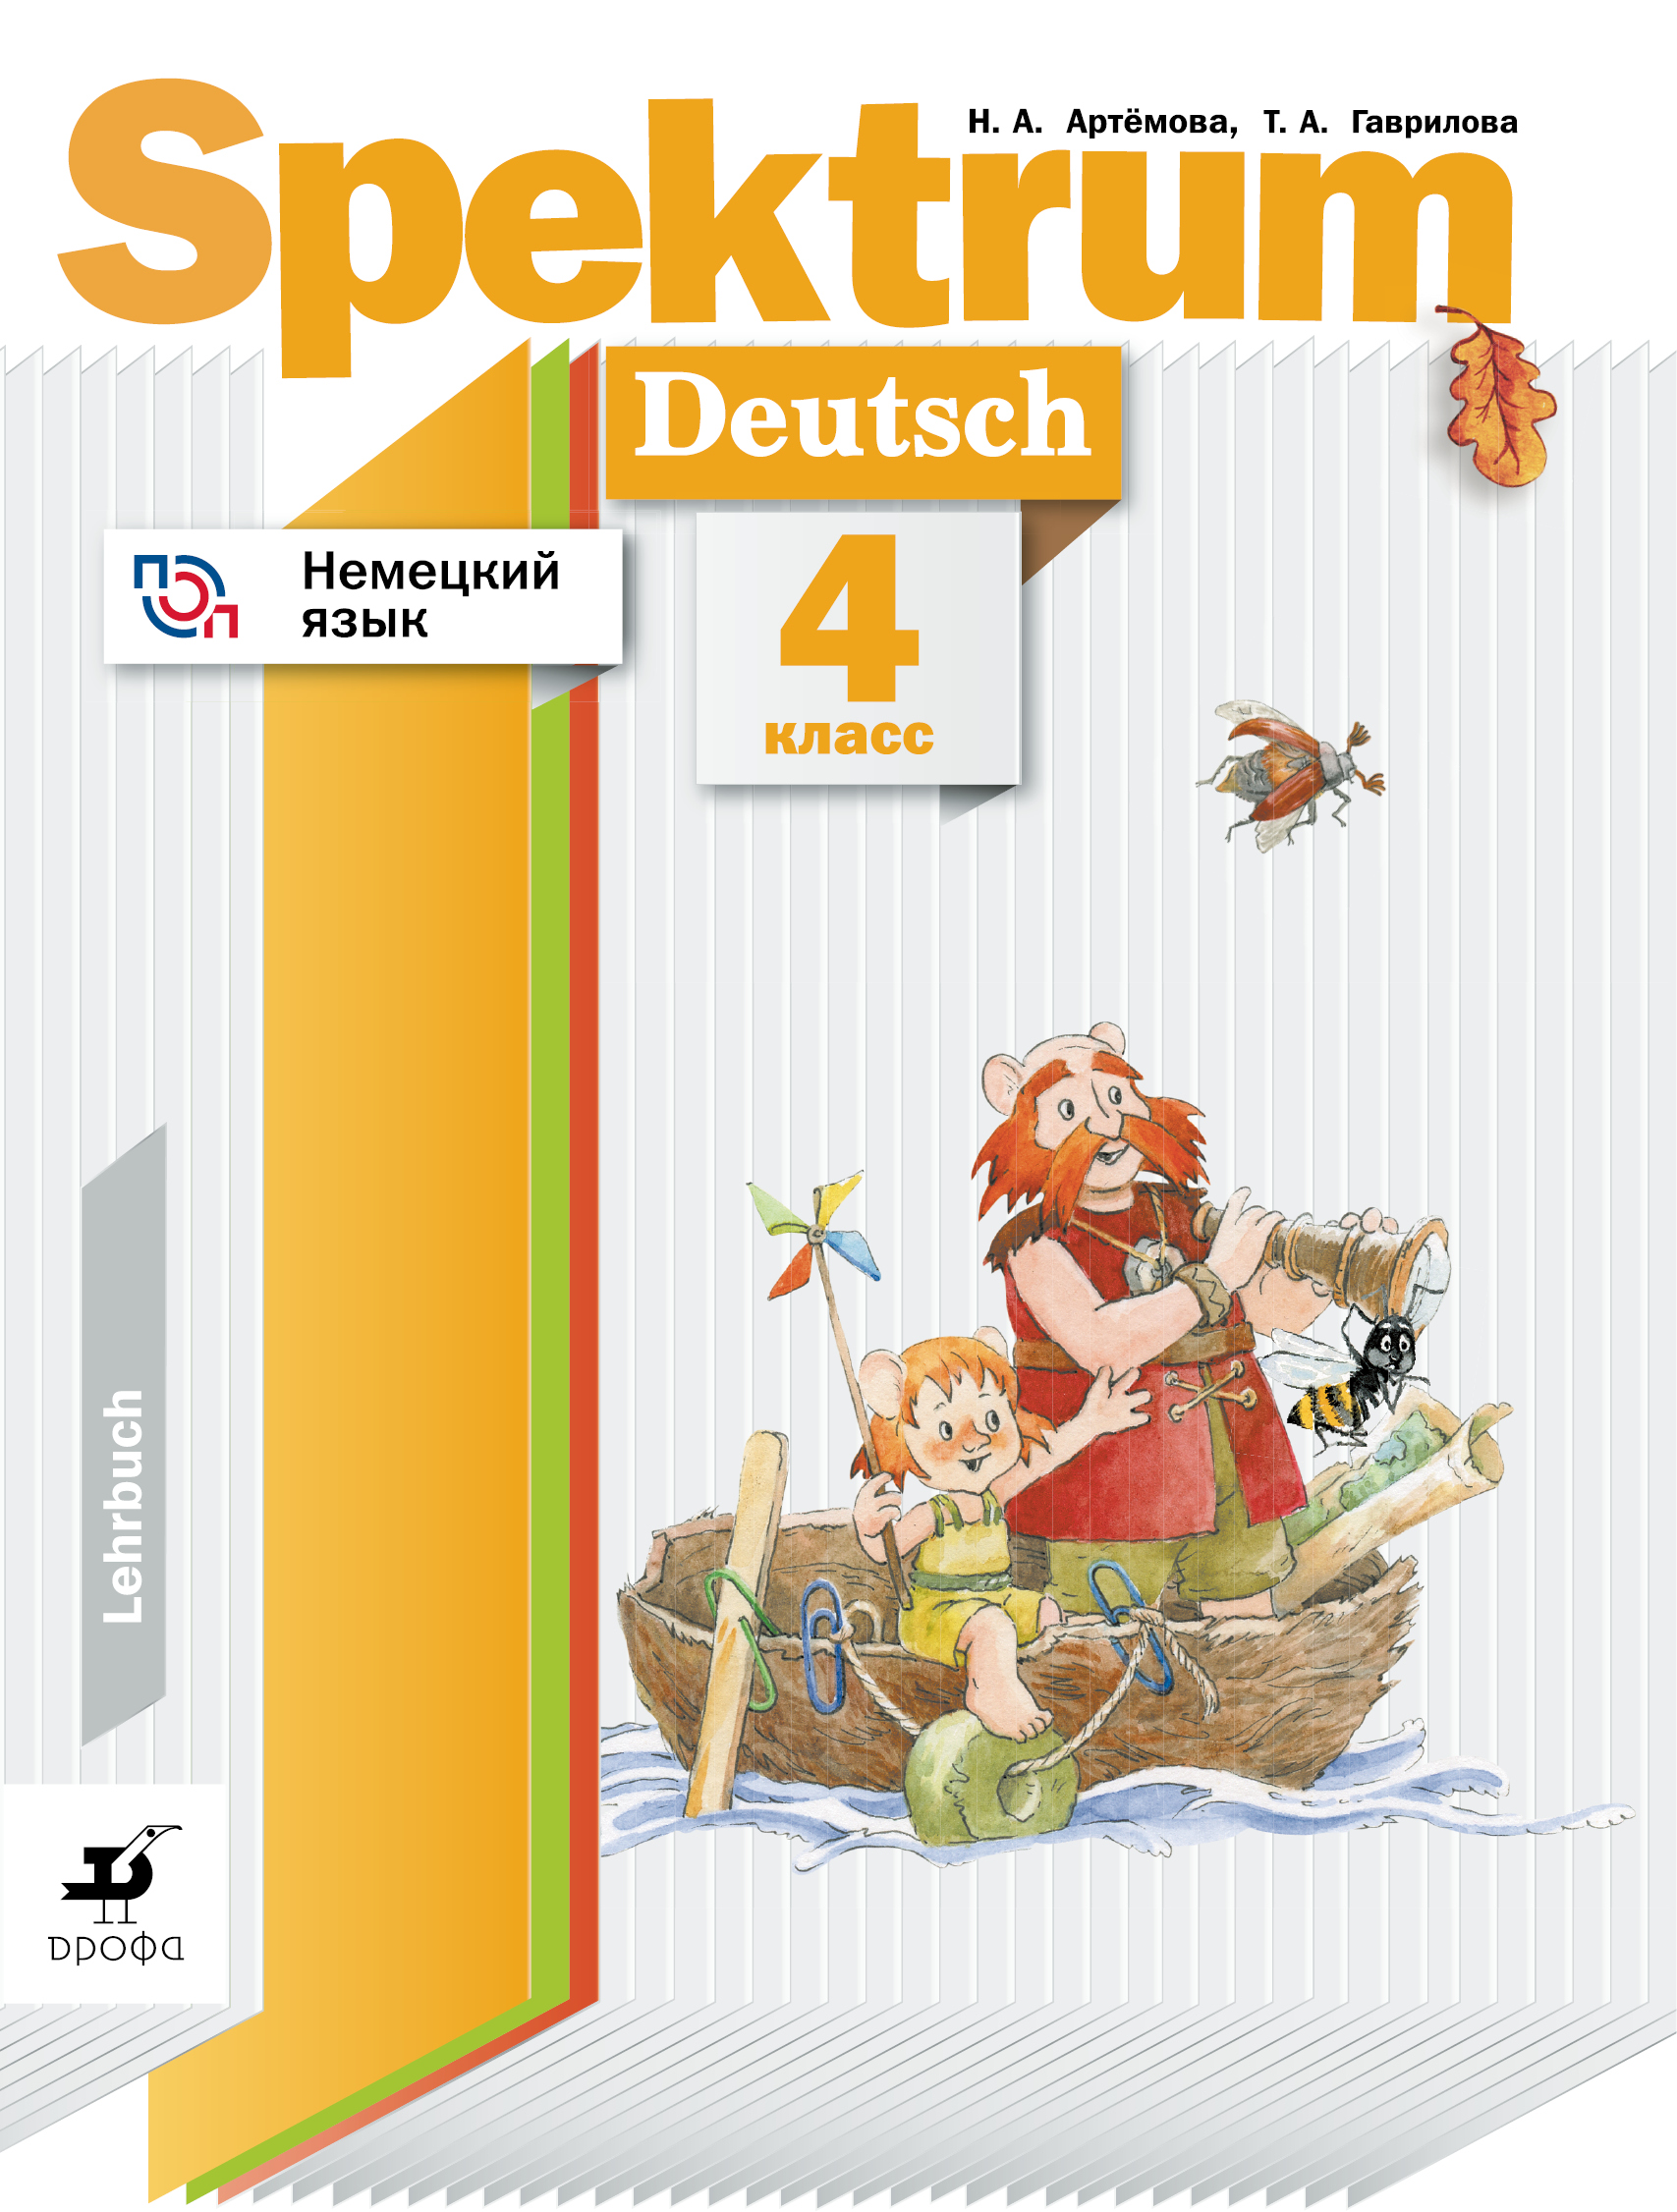 """Немецкий язык """"Spektrum"""". 4 класс. Аудиоприложение к учебнику Артёмова Гаврилова"""